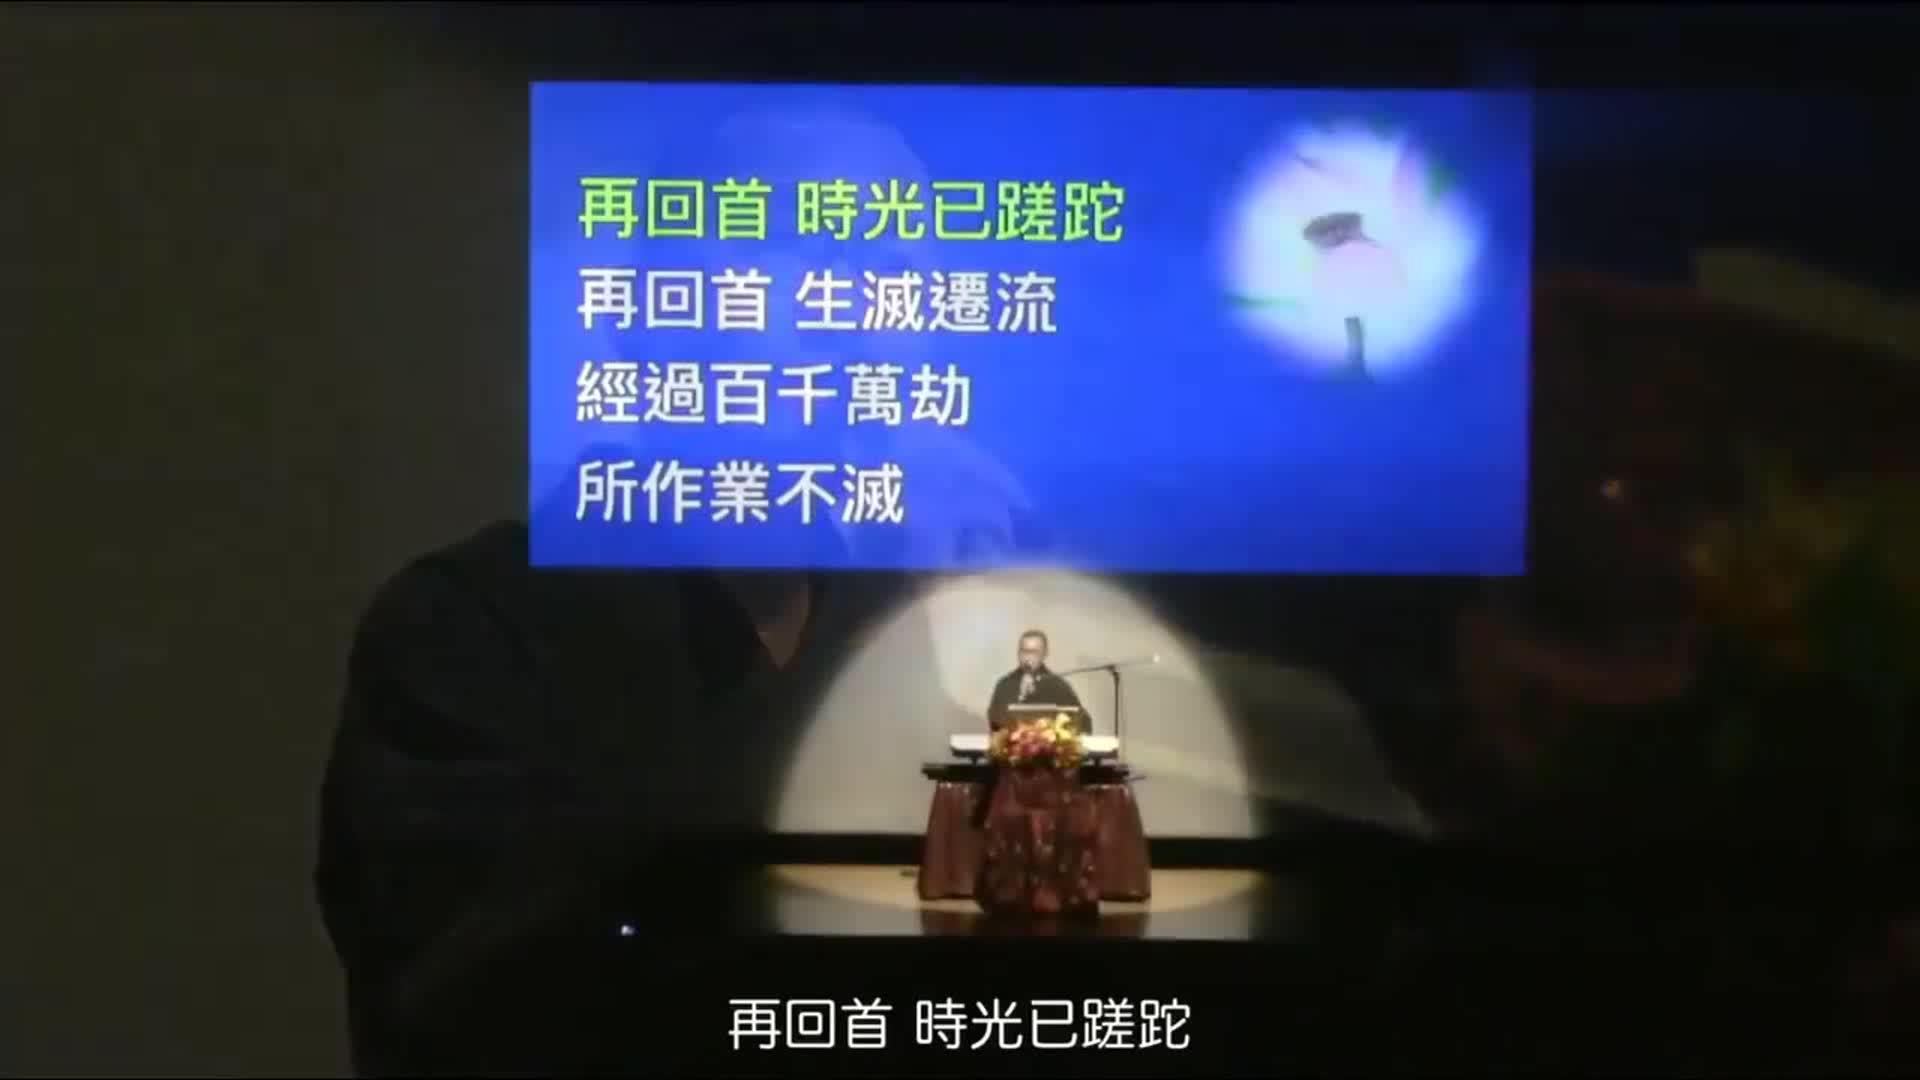 明海法师:自弹自唱的一首《再回首》,洗涤人的心灵,循环一整天